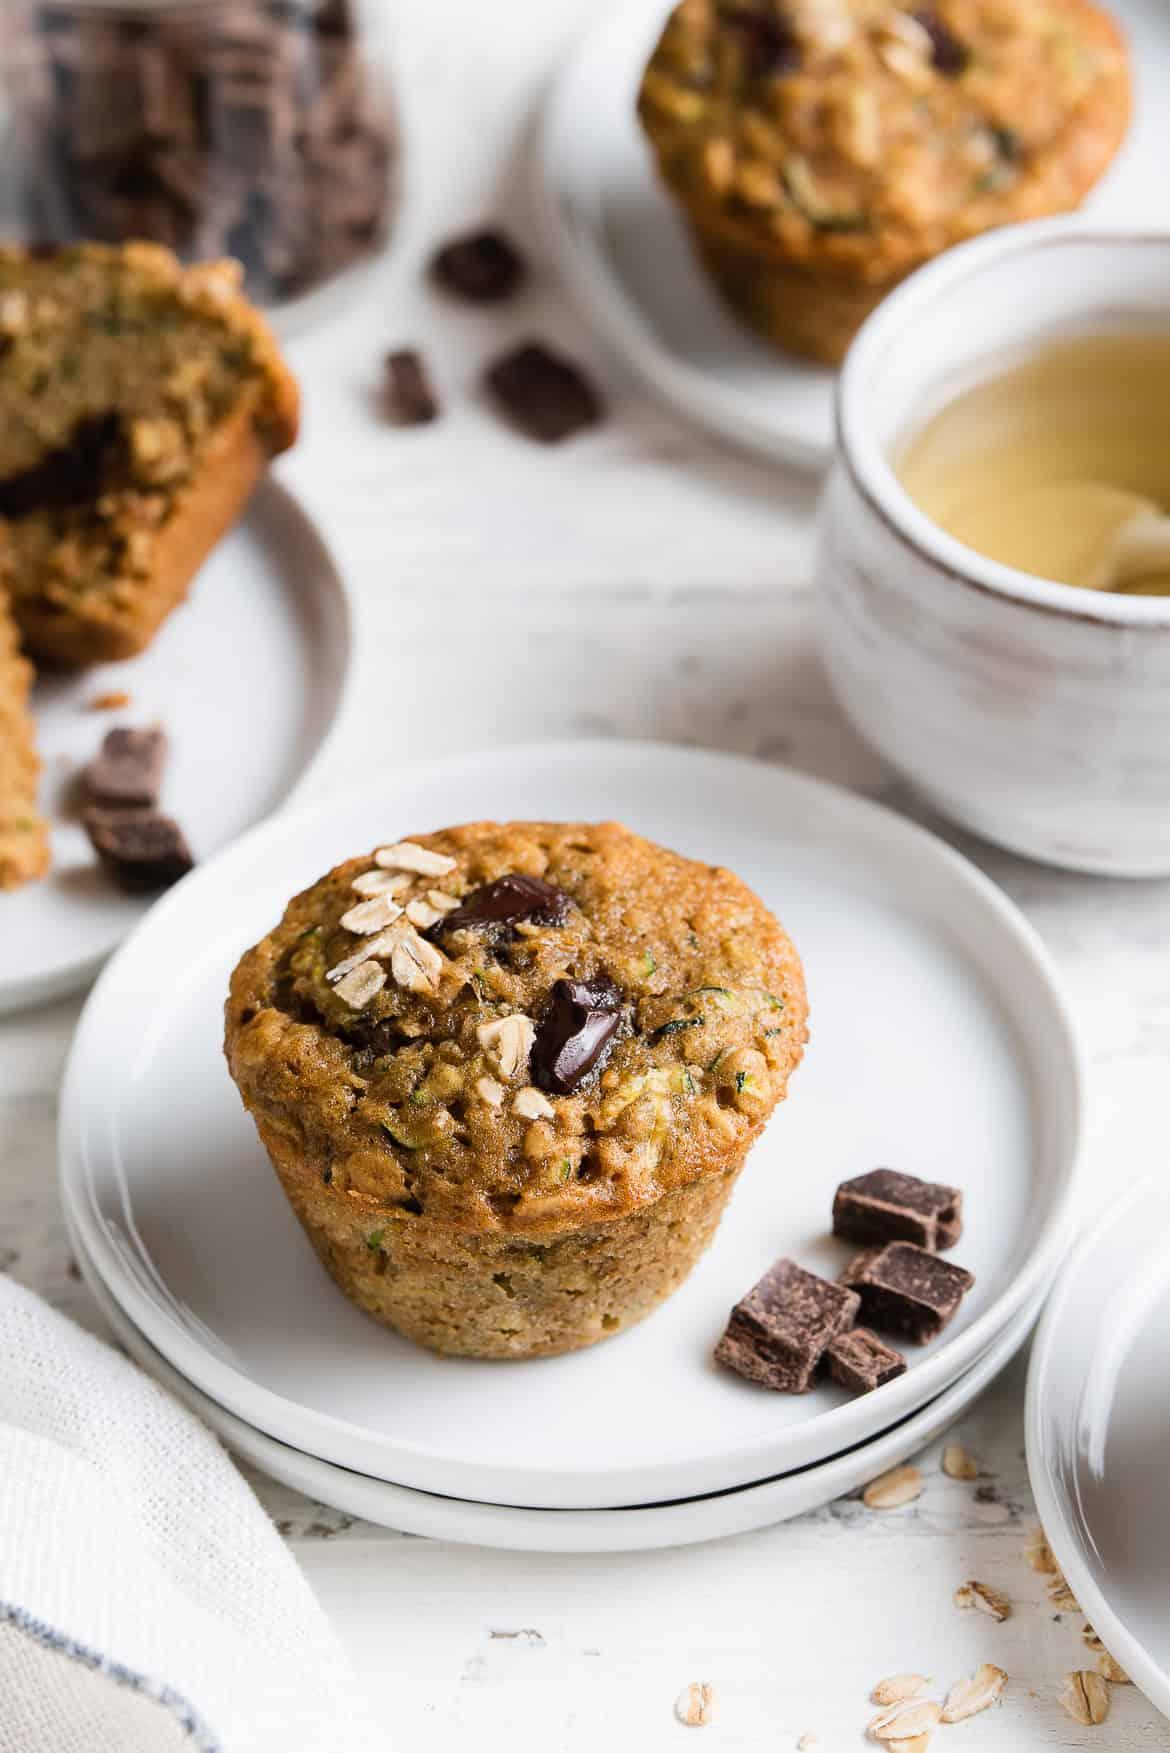 Zucchini Oat Chocolate Chunk Muffins on a small white muffin.